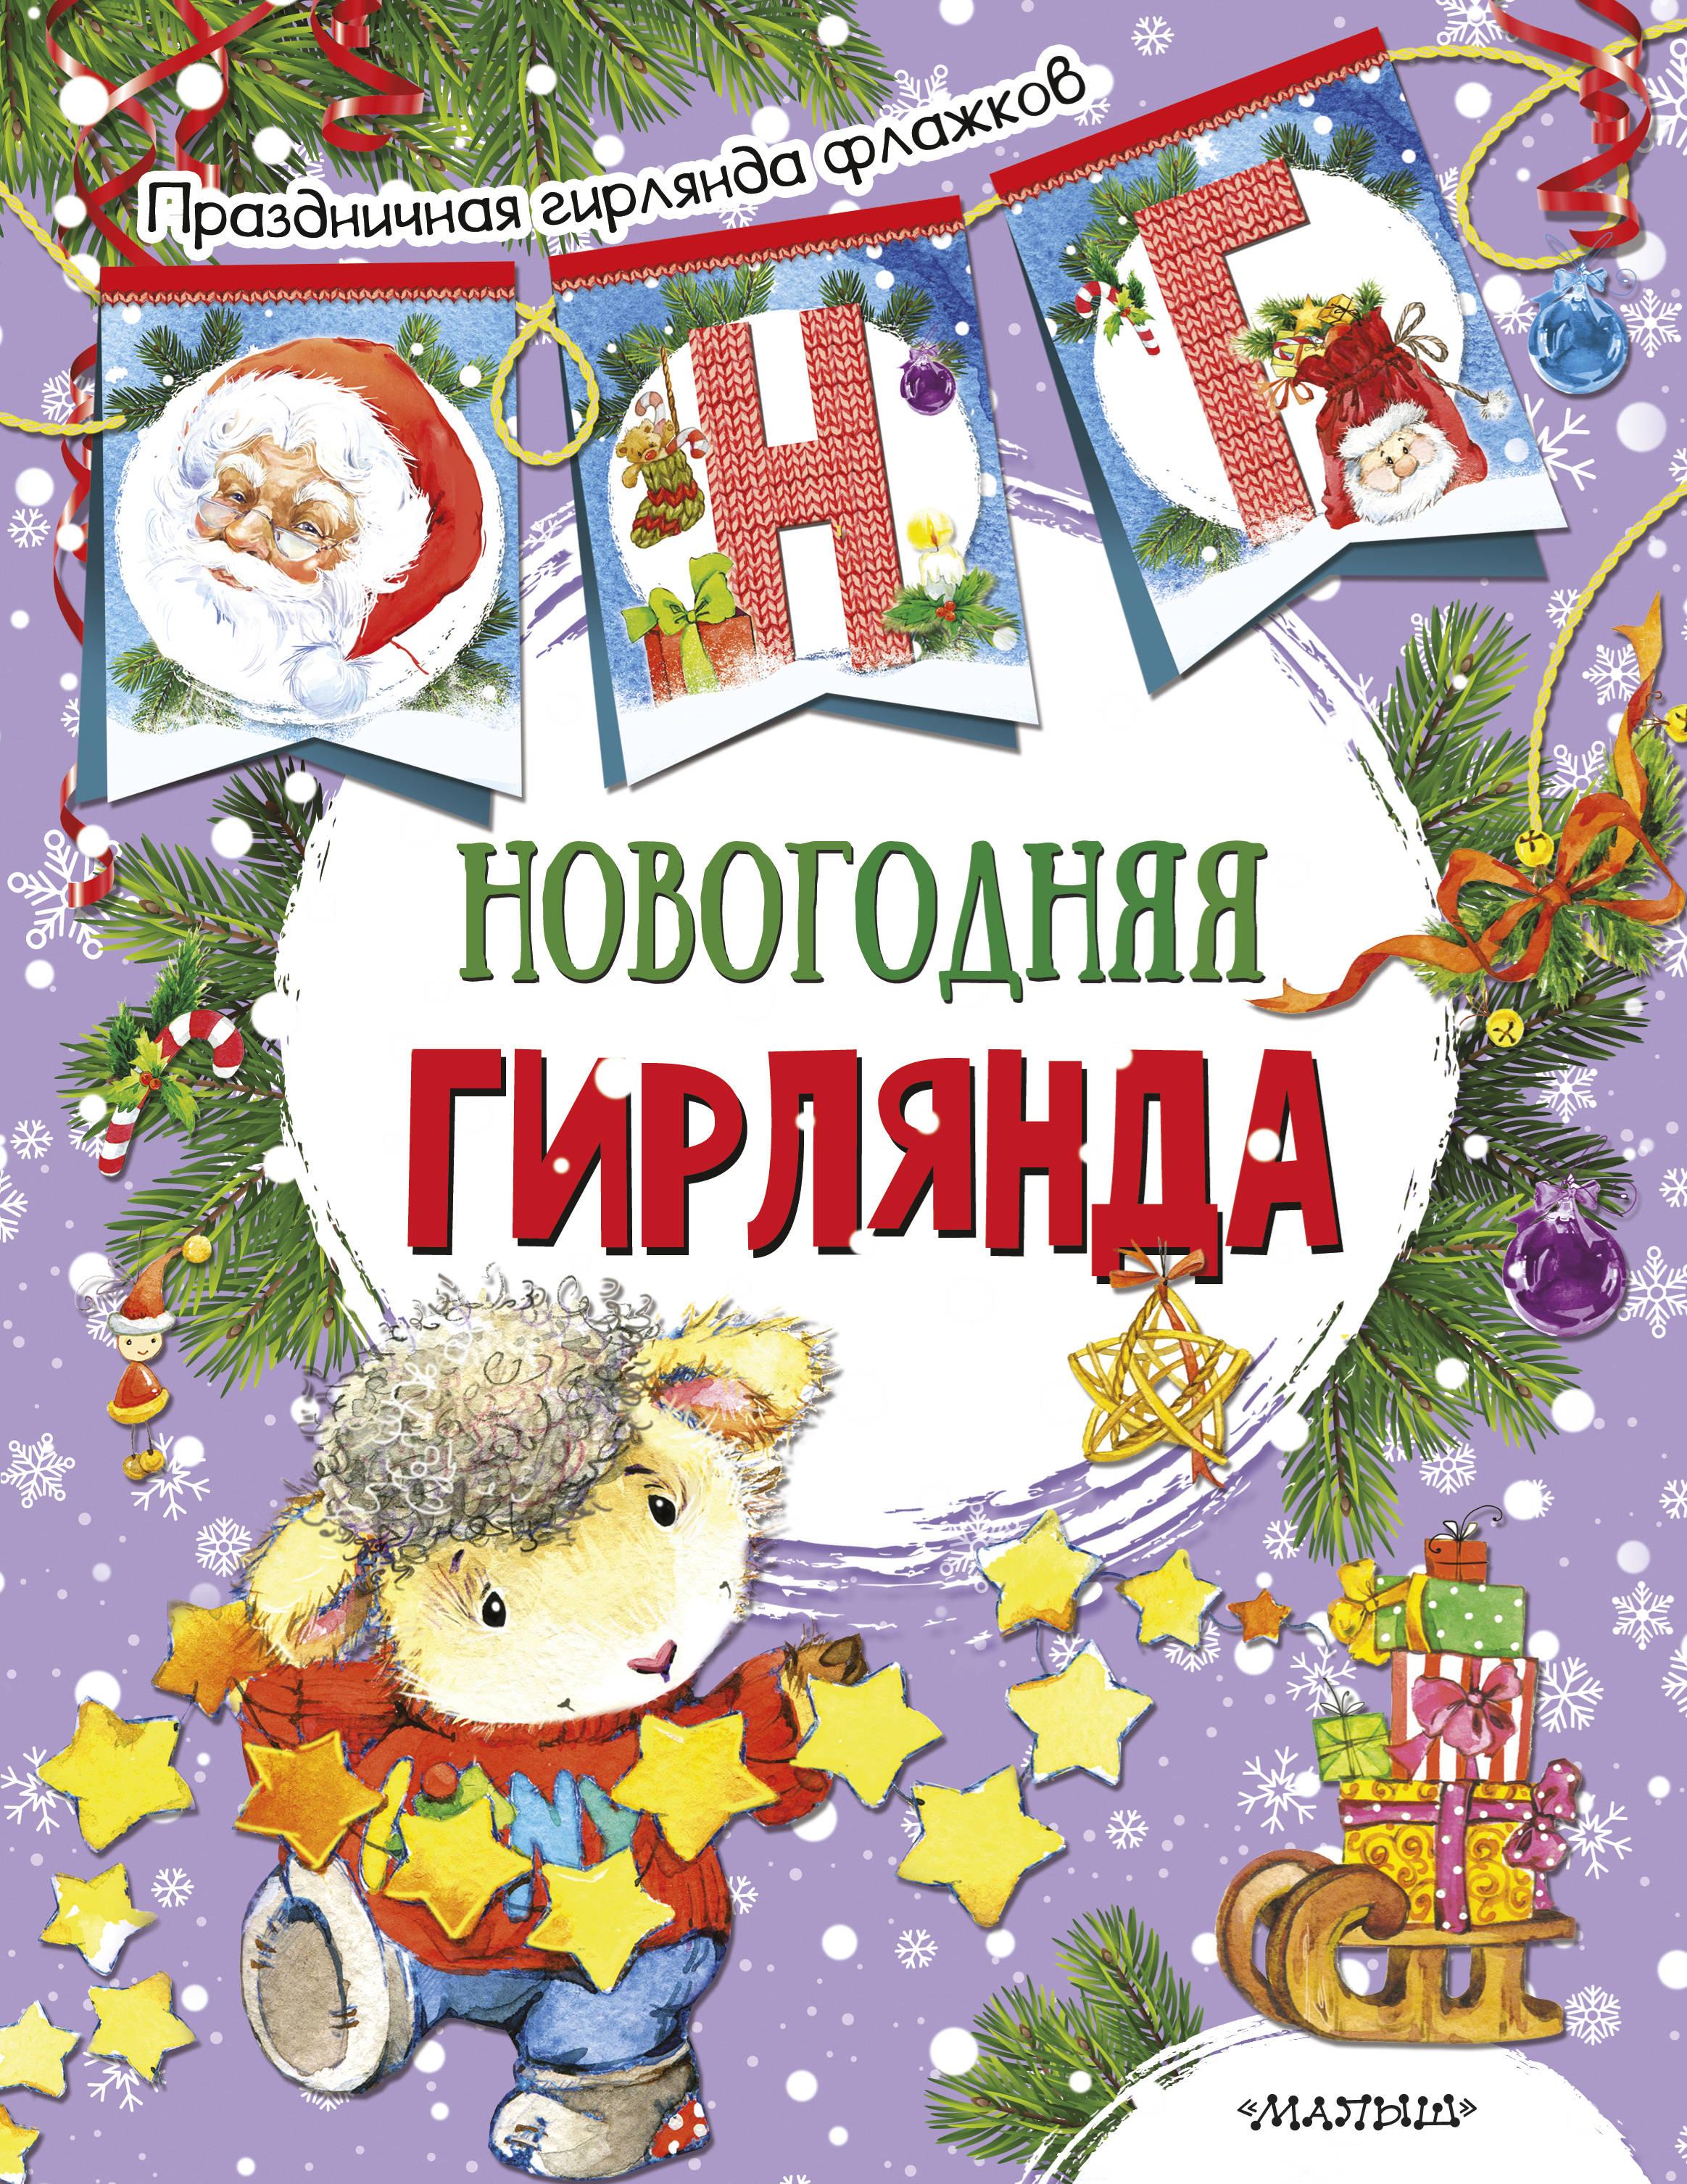 Станкевич С.А. Новогодняя гирлянда (ил. Е. Фаенковой)